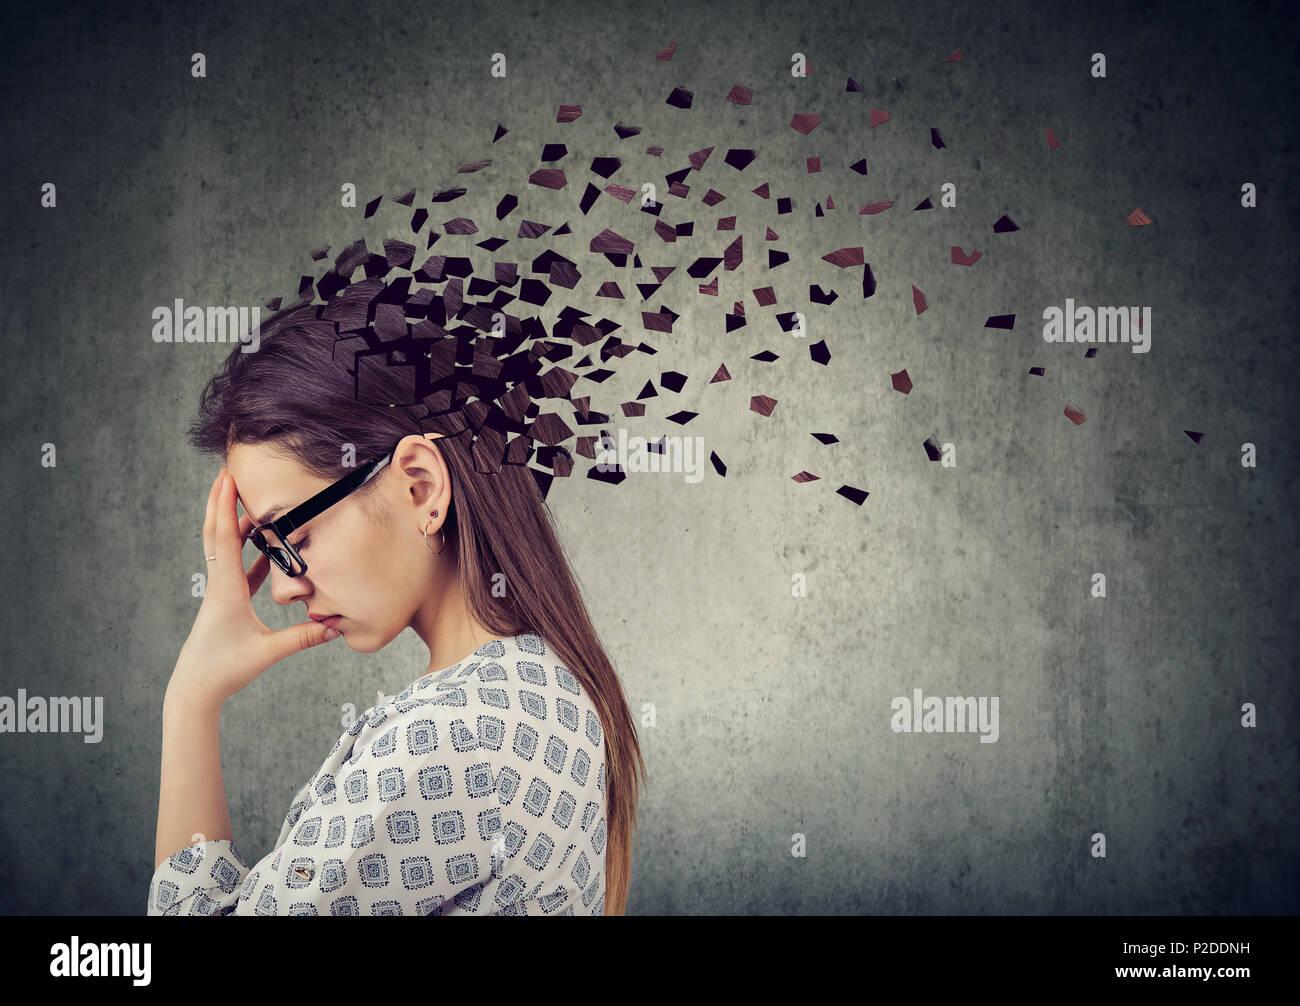 La perte de mémoire en raison de la démence ou des lésions cérébrales. Jeune femme qui a perdu des parties de tête comme symbole d'une diminution de l'esprit. Photo Stock